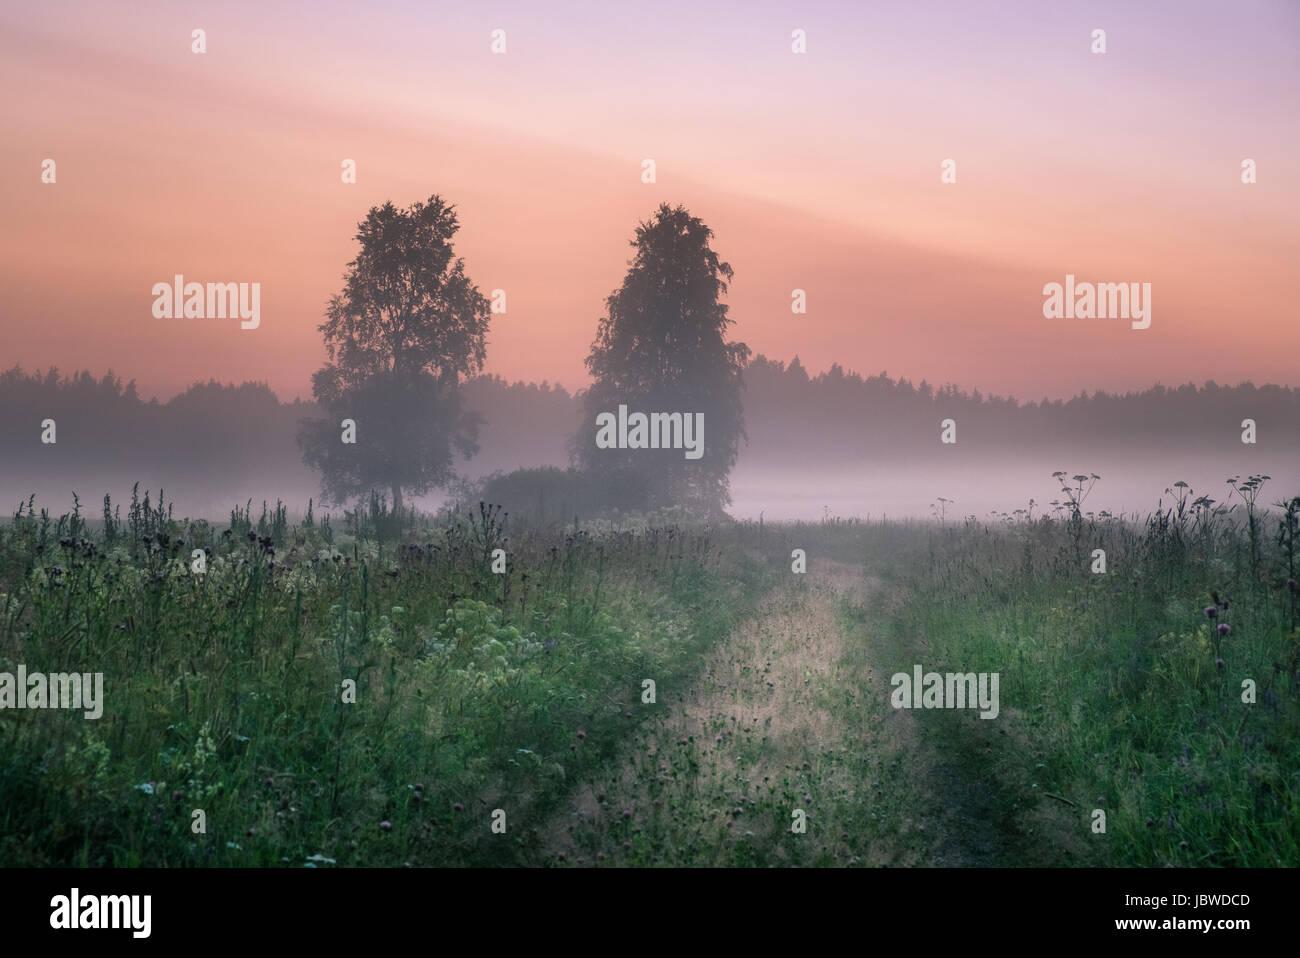 Paisaje con niebla y niebla en noche de verano en el norte de Europa Imagen De Stock